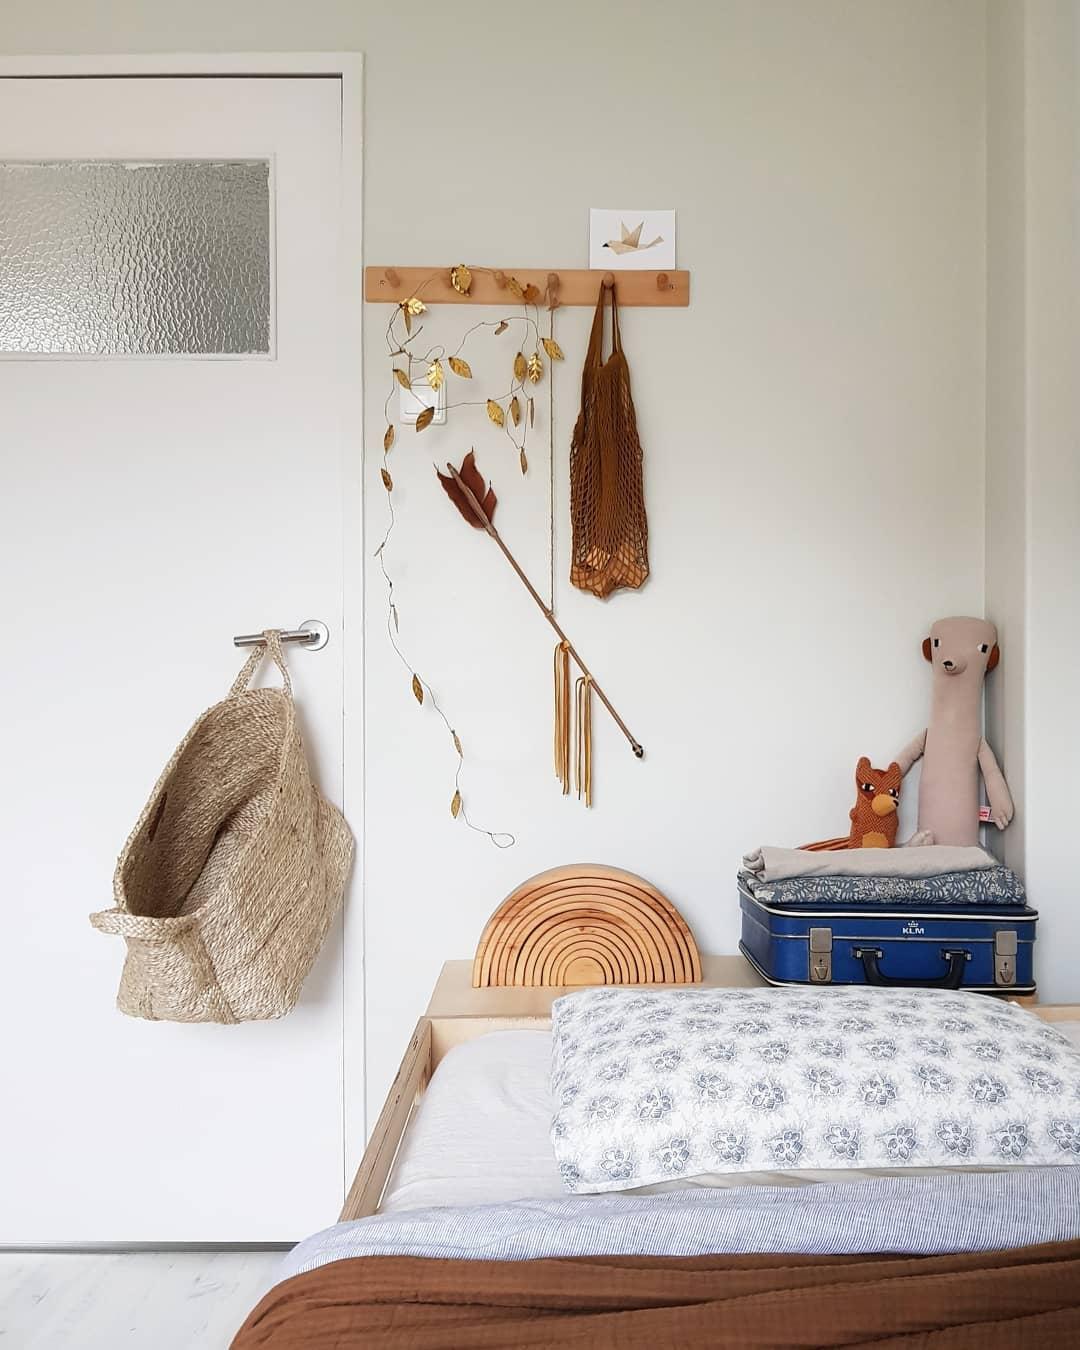 Παστέλ + ξύλο = Ένα σπίτι σαν κουκλόσπιτο